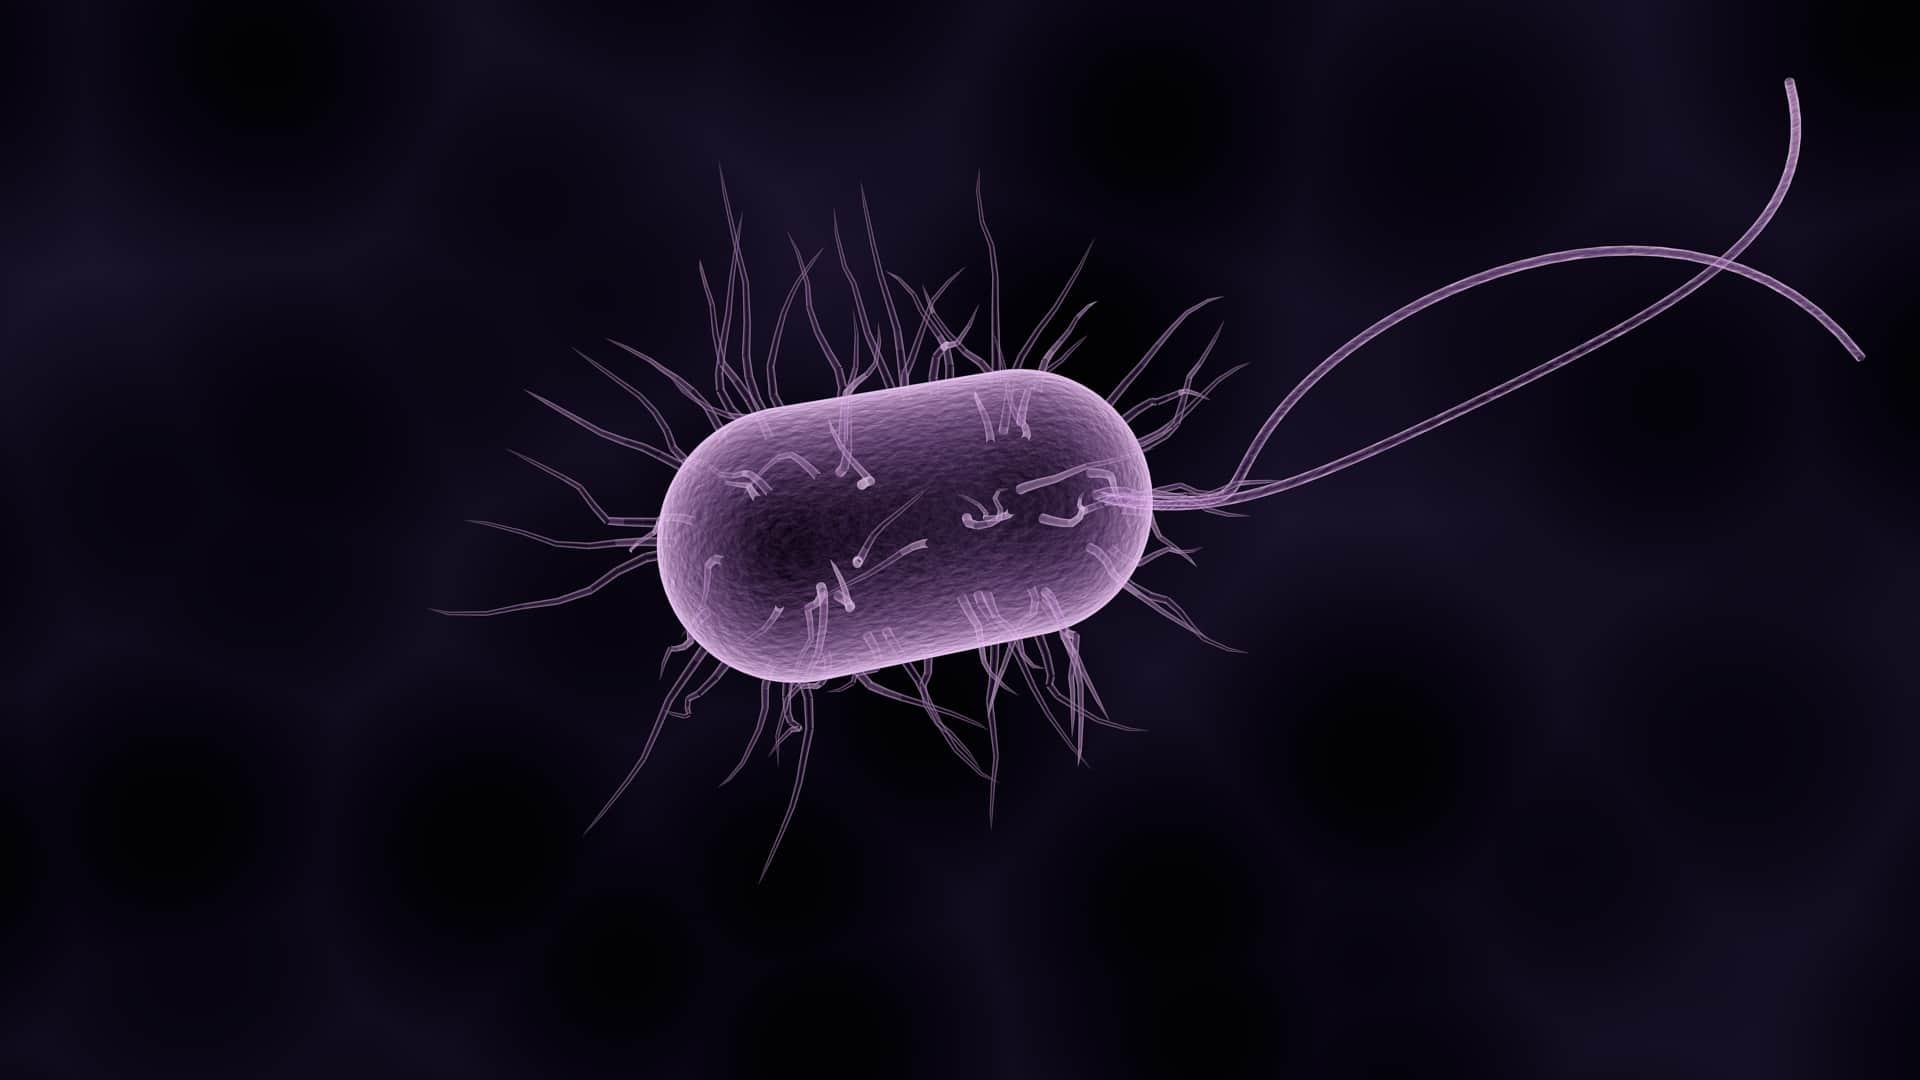 Transilvania Healing Centre, Medicina Bioelectromagnetica how do we get sick? How do we get sick? IMG D0FE45A1E535 1